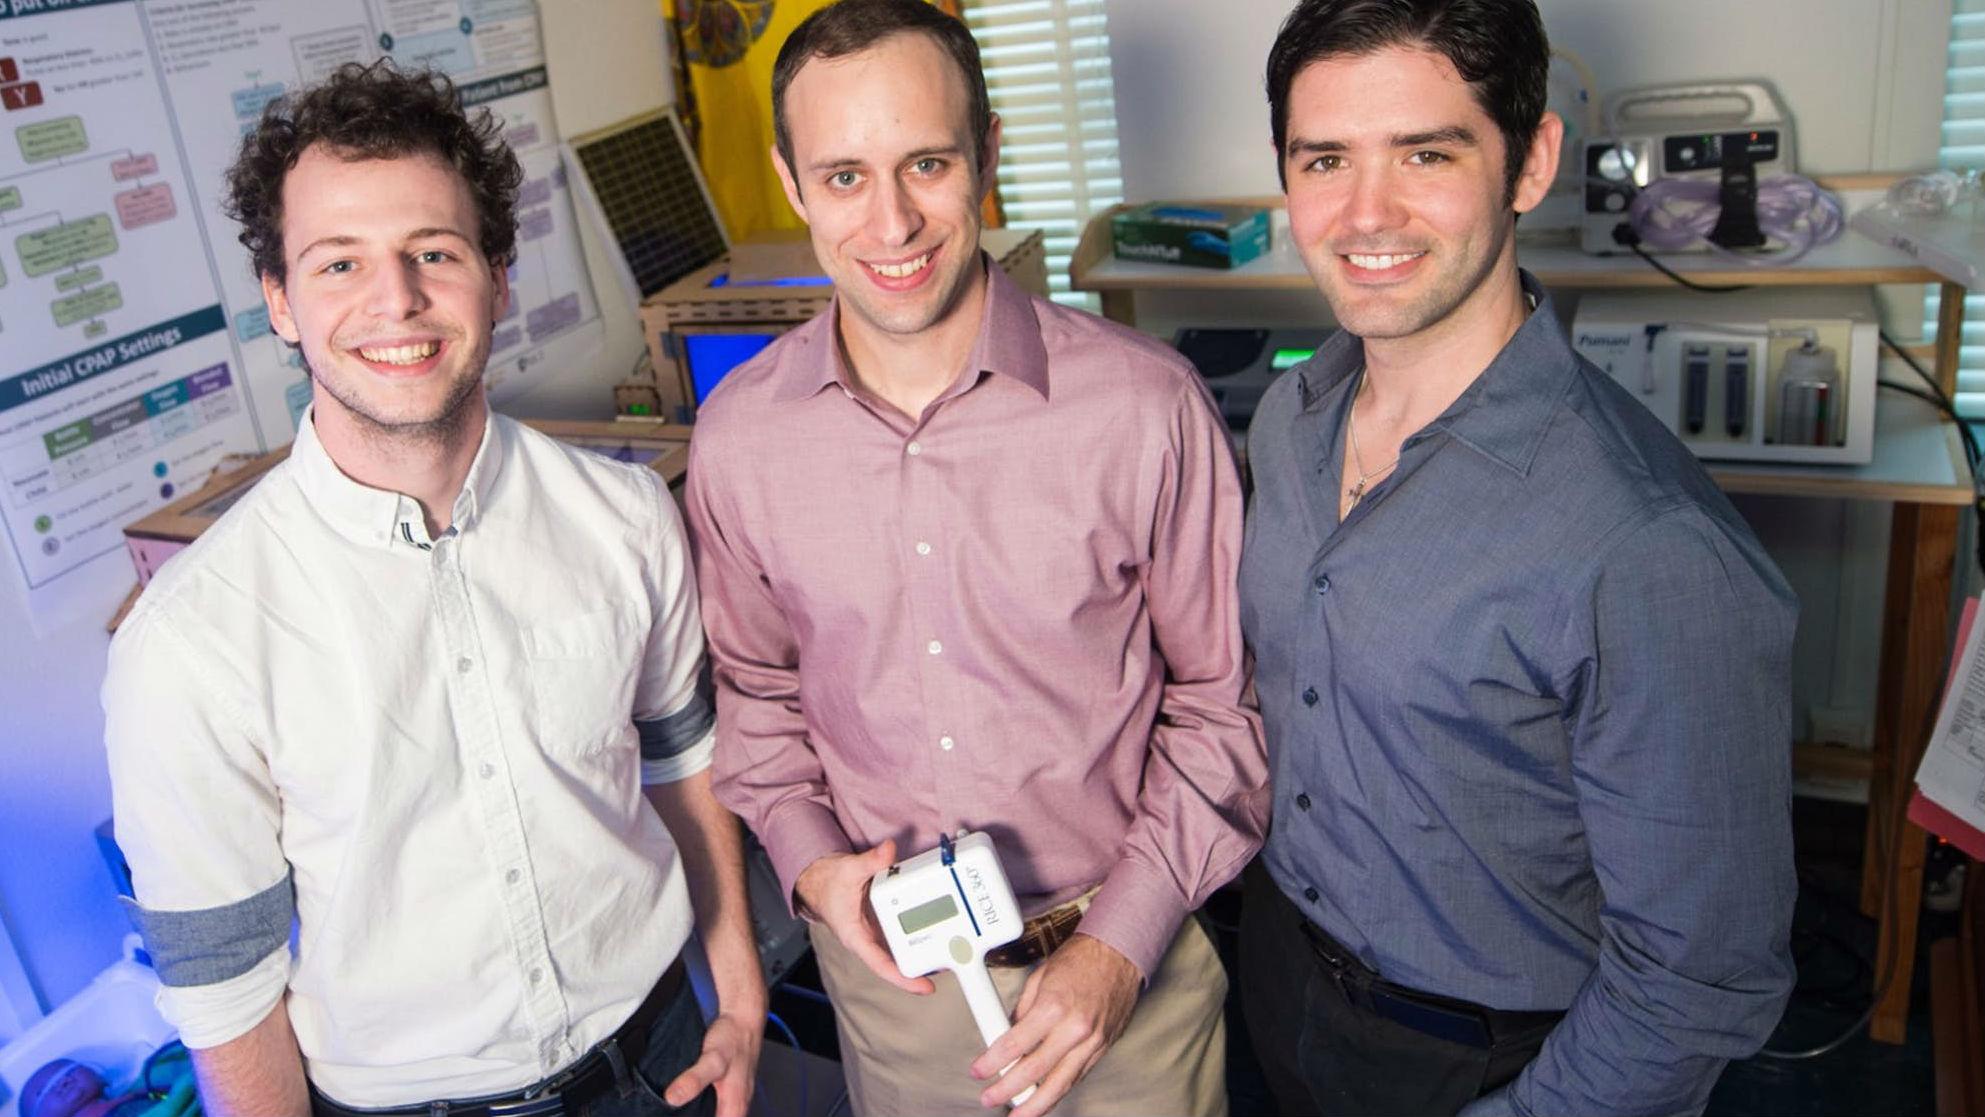 Разработчики обещают, что их устройство станет недорогой альтернативой другим приборам, диагностирующим желтуху.